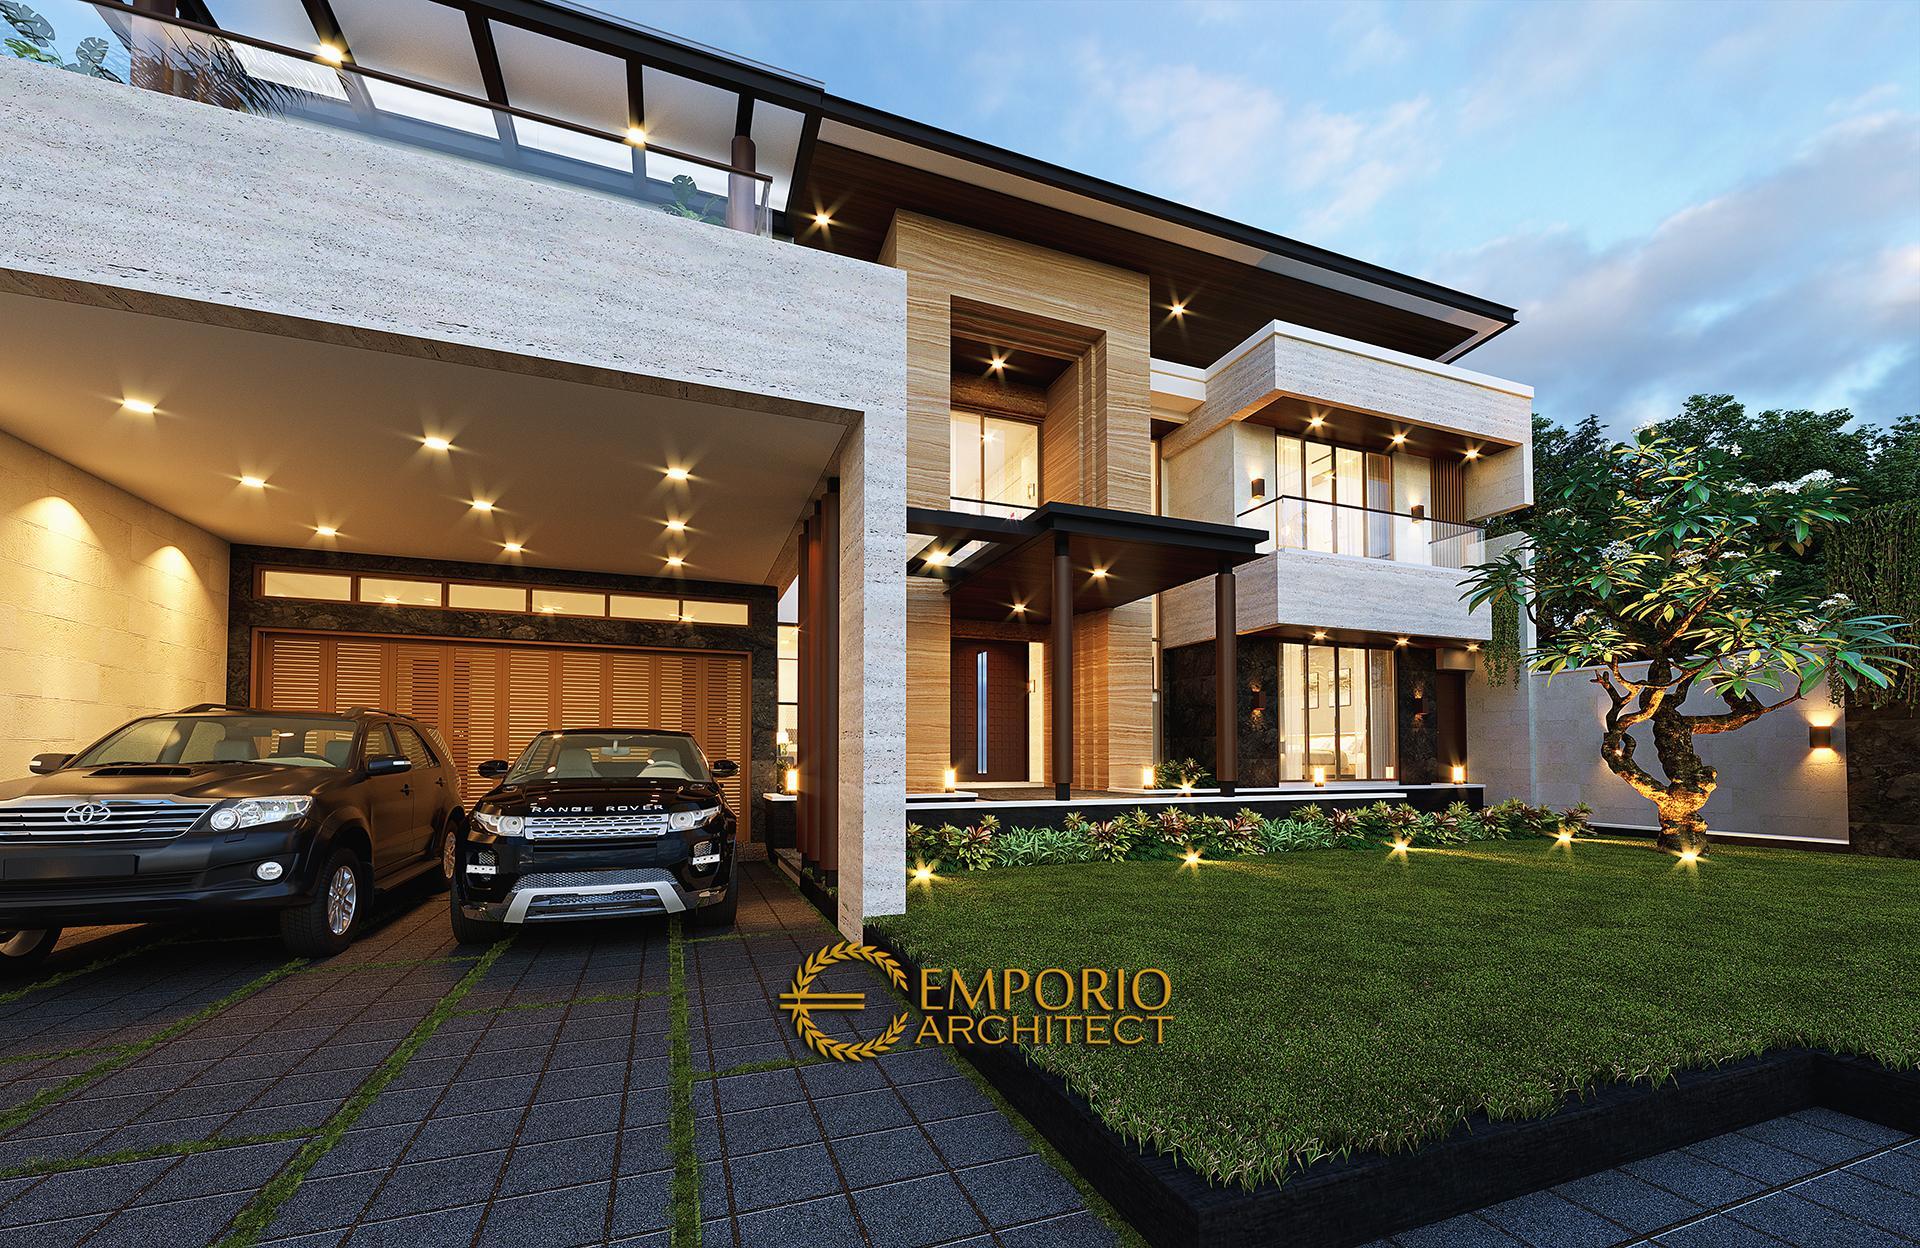 Architecture Services in Tanzania 24